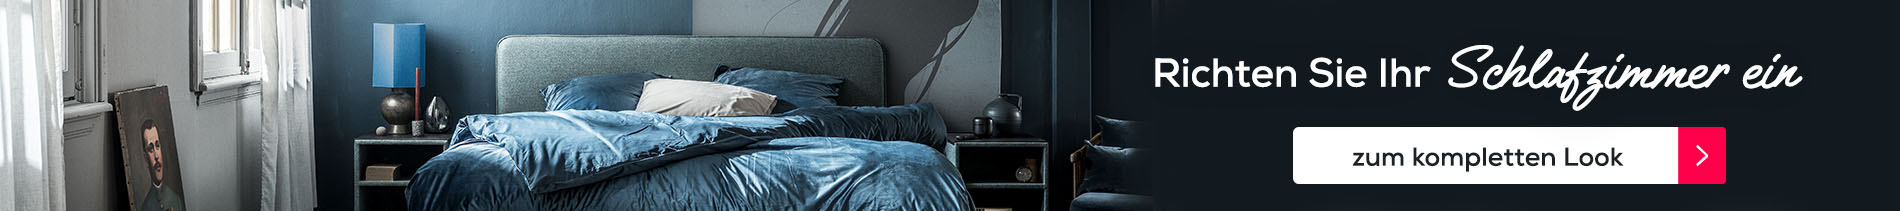 Schlafzimmer Look - Lifestyle   Swiss Sense